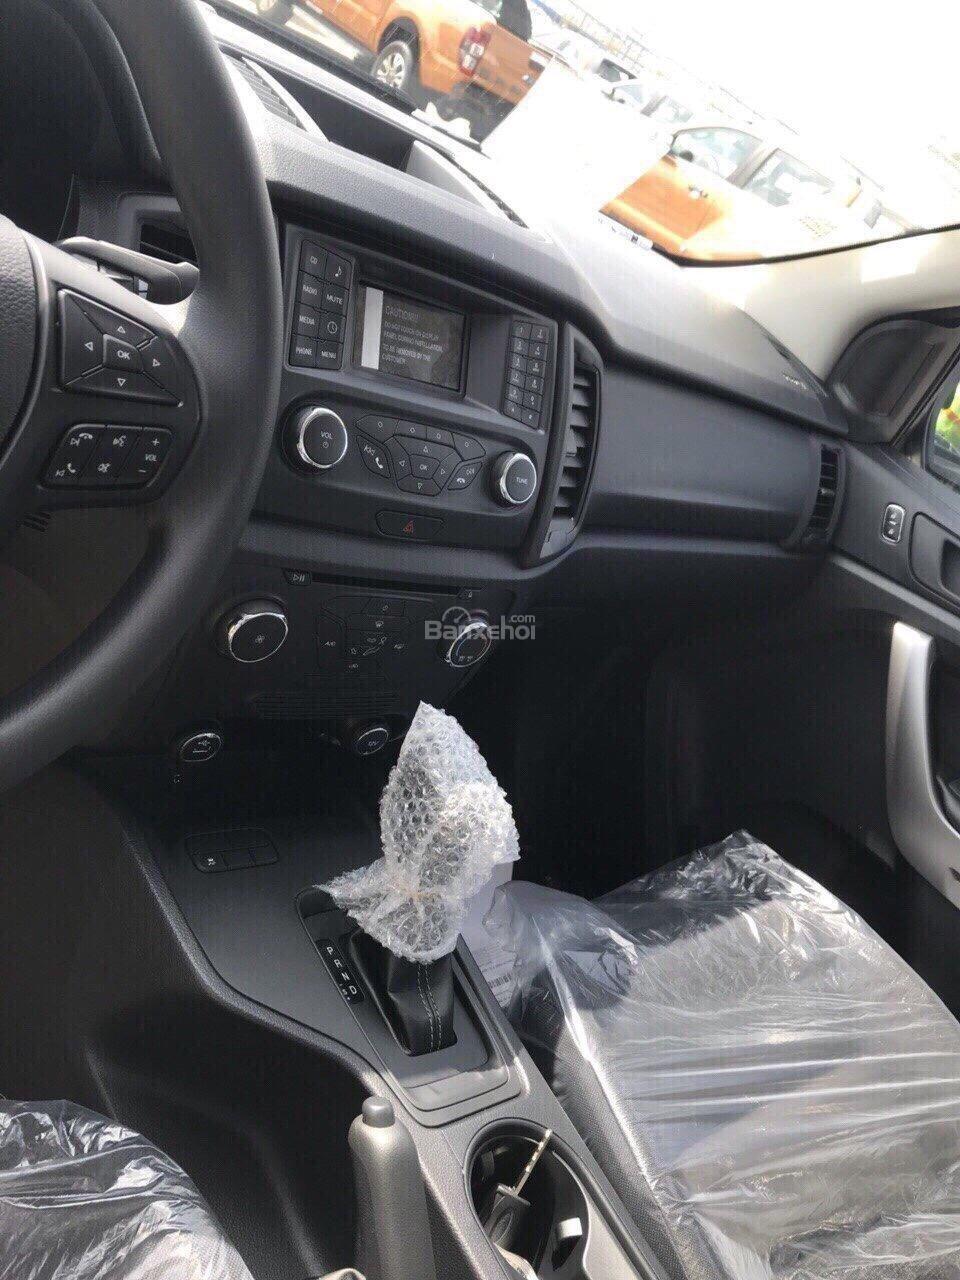 Cần bán Ford Ranger XLS AT 2.2L 4*2 đời 2018, đủ màu giao ngay với những ưu đãi hấp dẫn-4